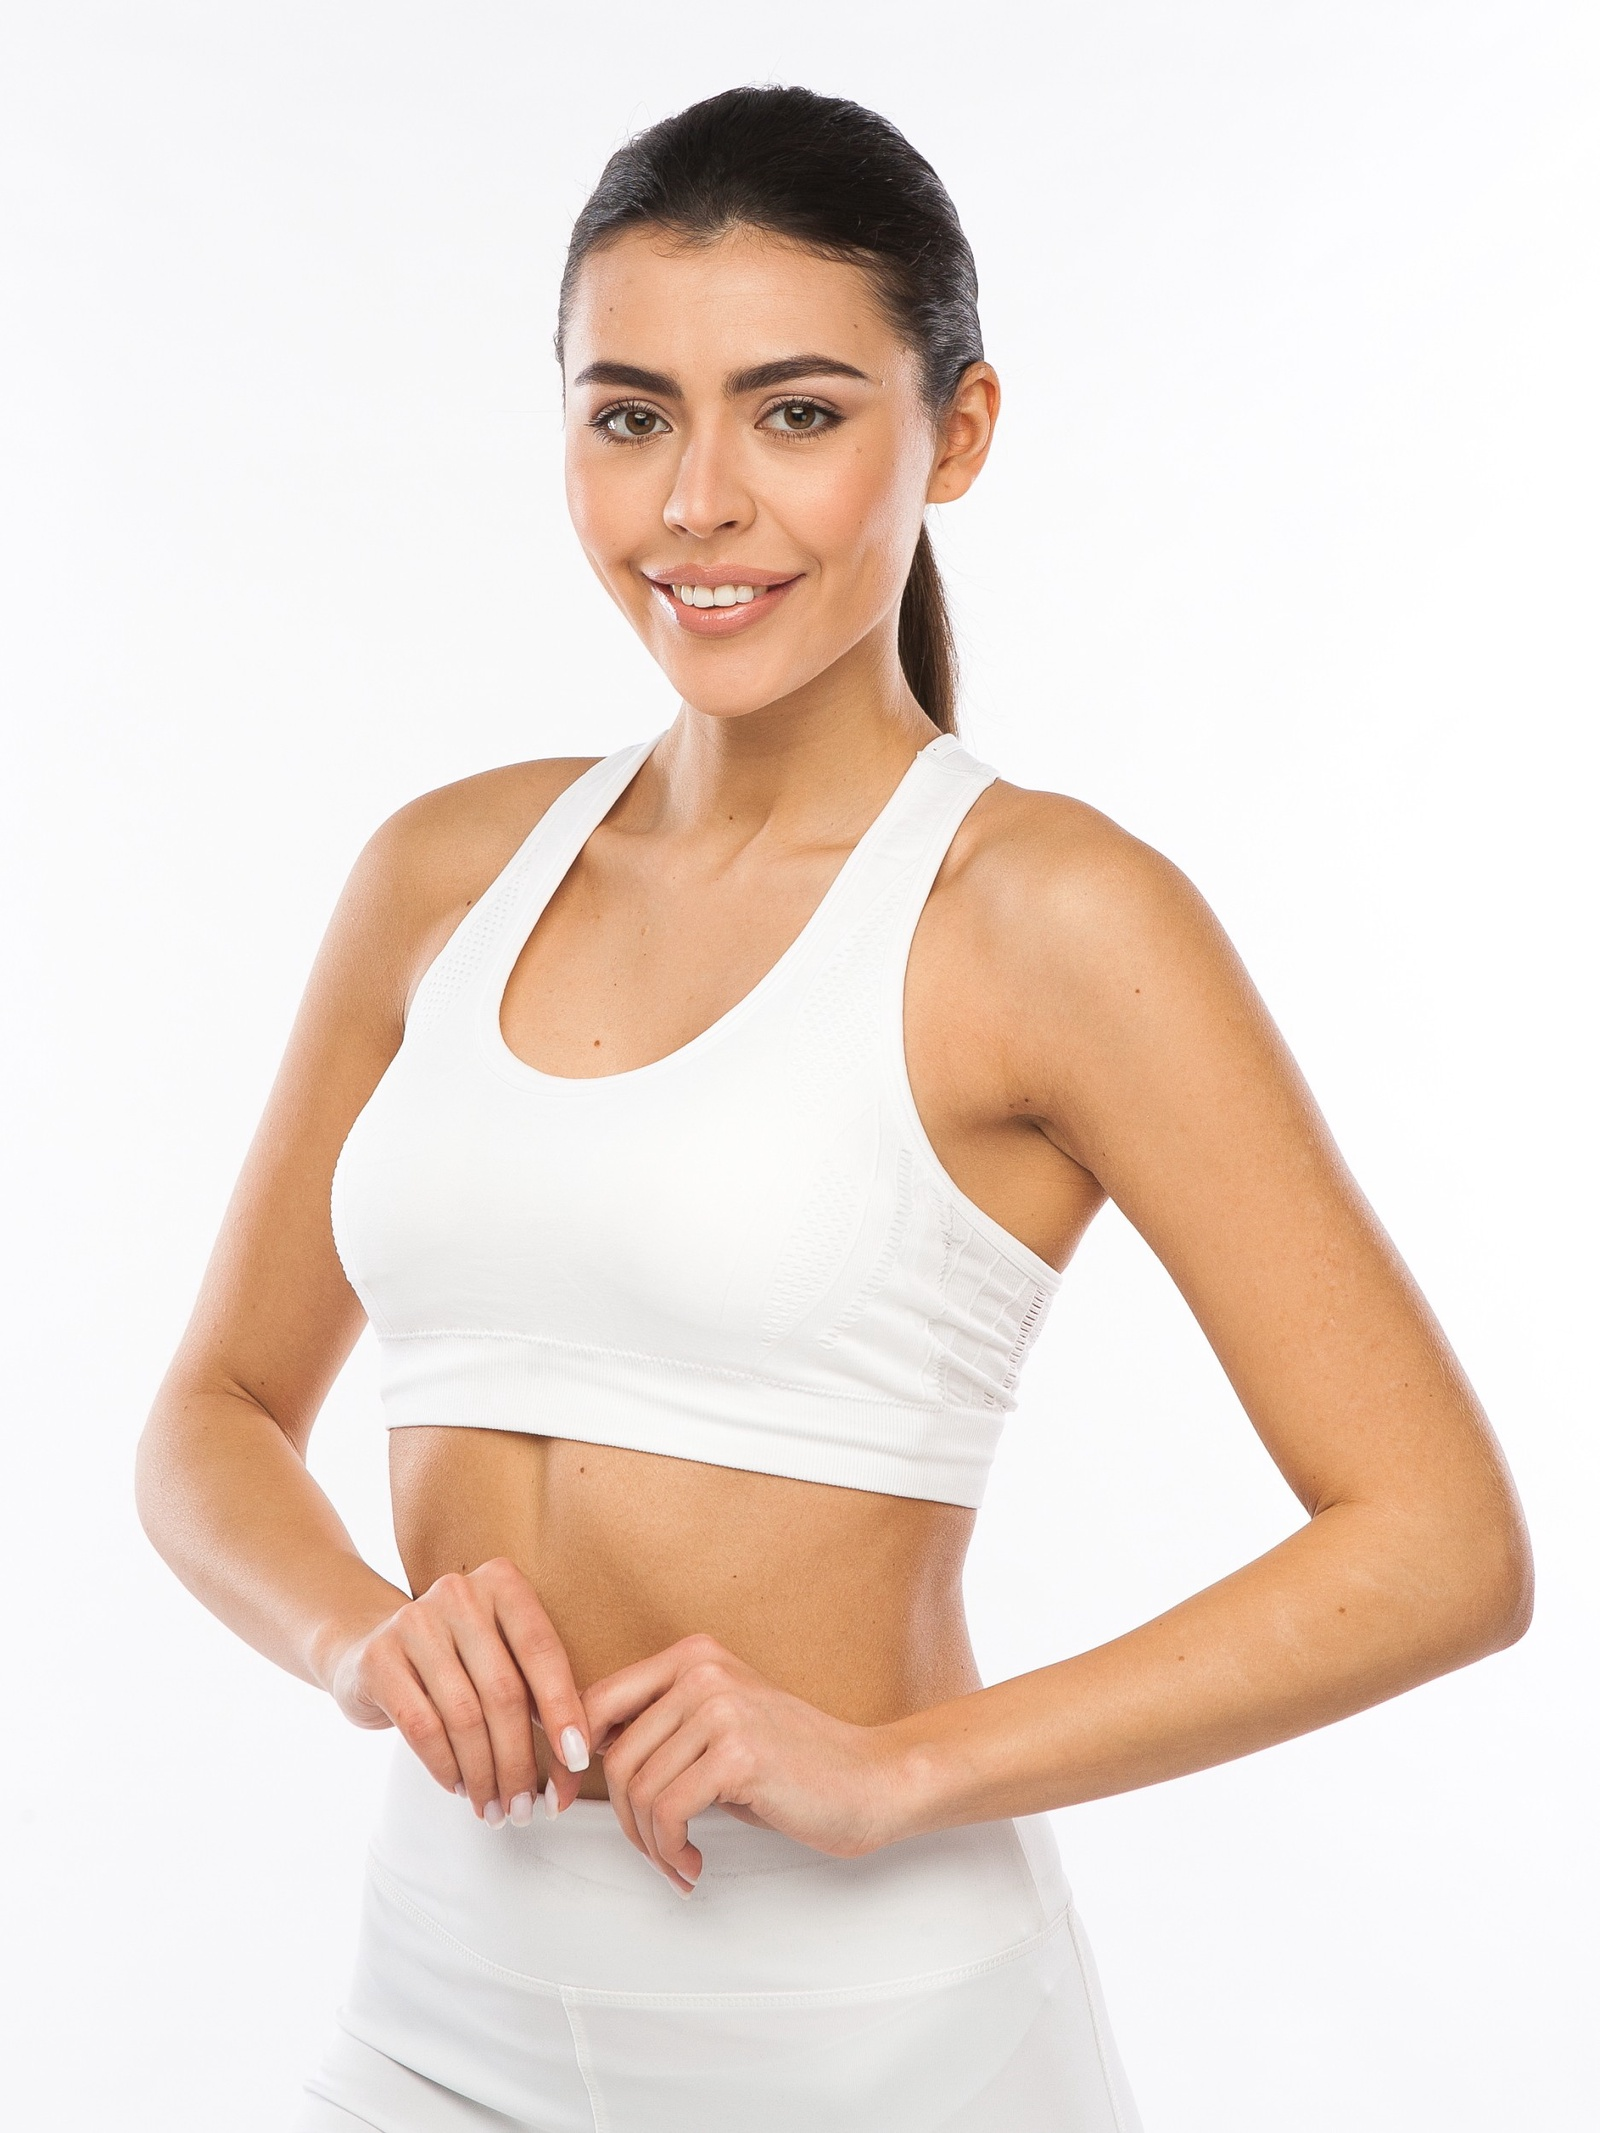 Топ Pro-fit lac впитывающий пот спортивный напульсник для фитнеса бега